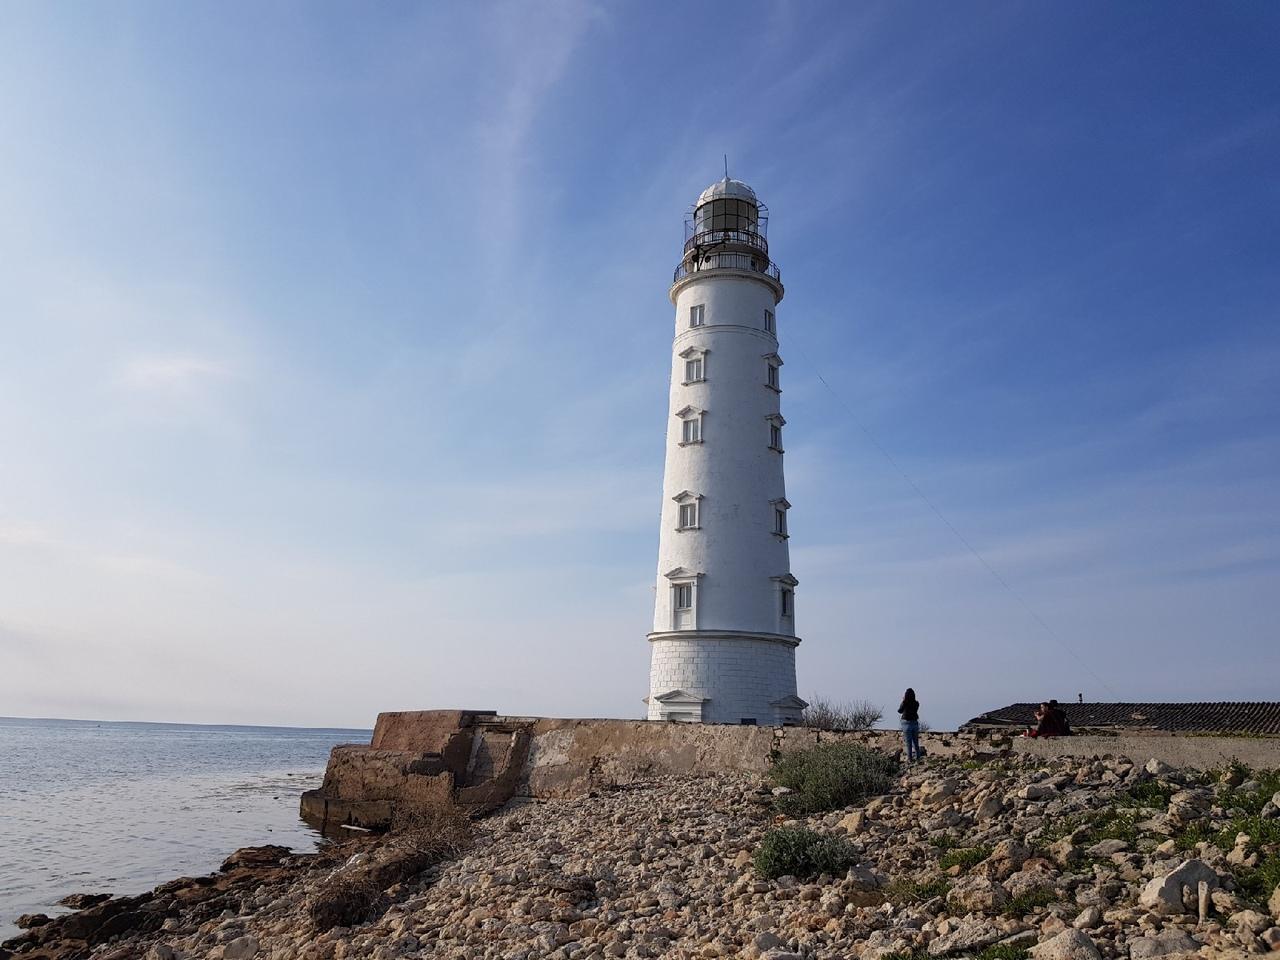 Блог путешественника по Крыму: Херсонесский маяк в Севастополе